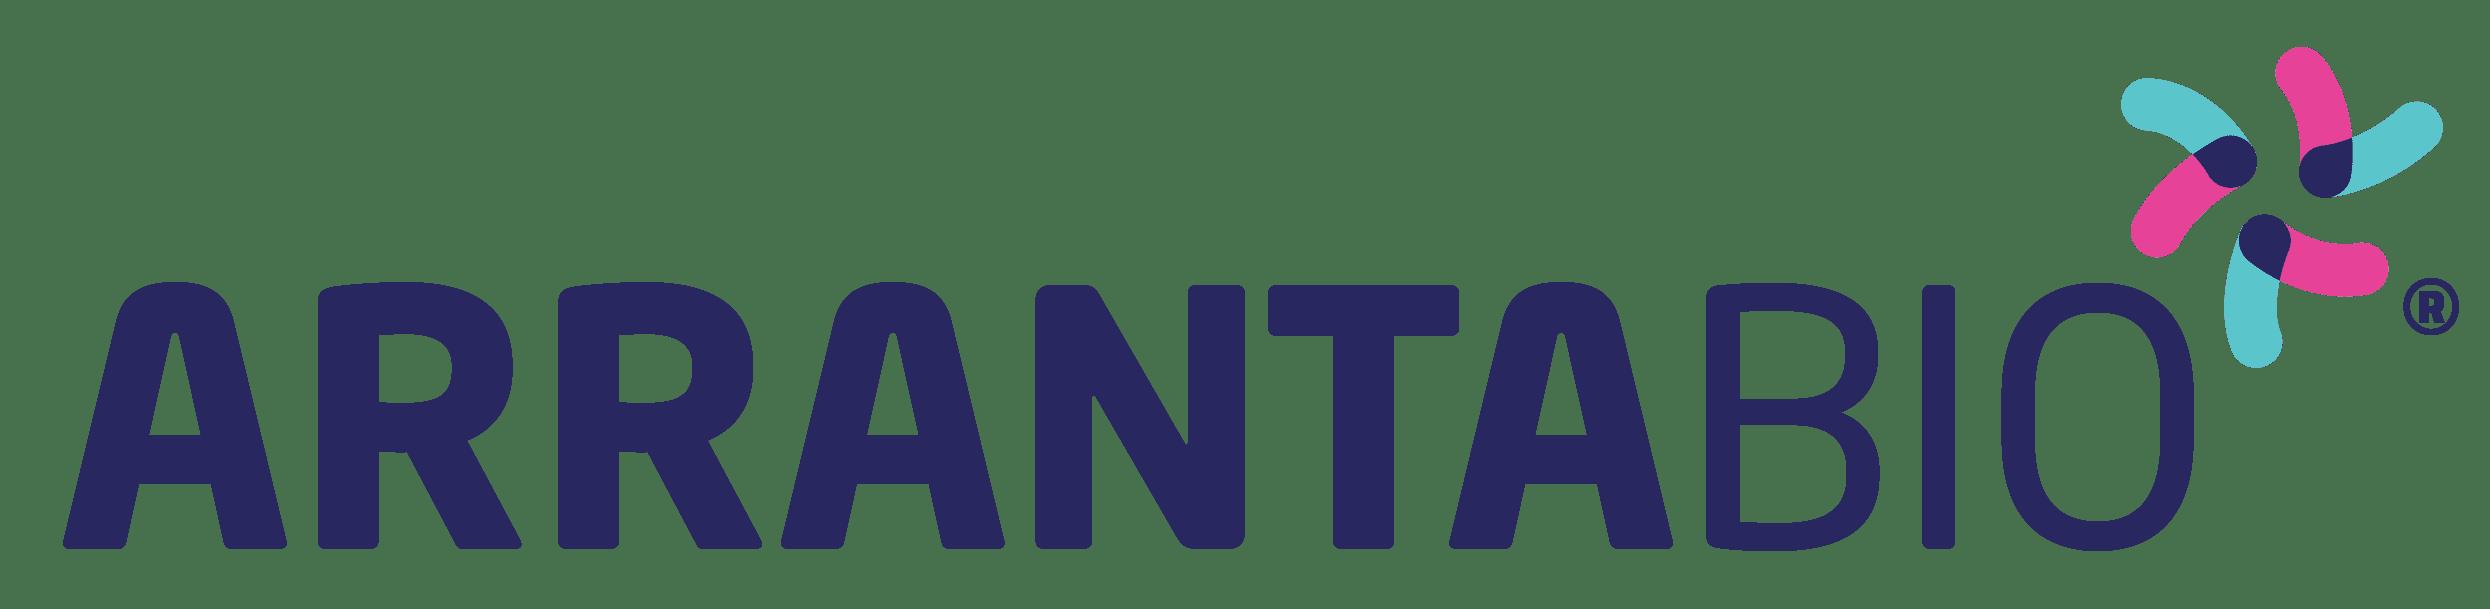 ArrantaBio_Logo_CMYK (002)